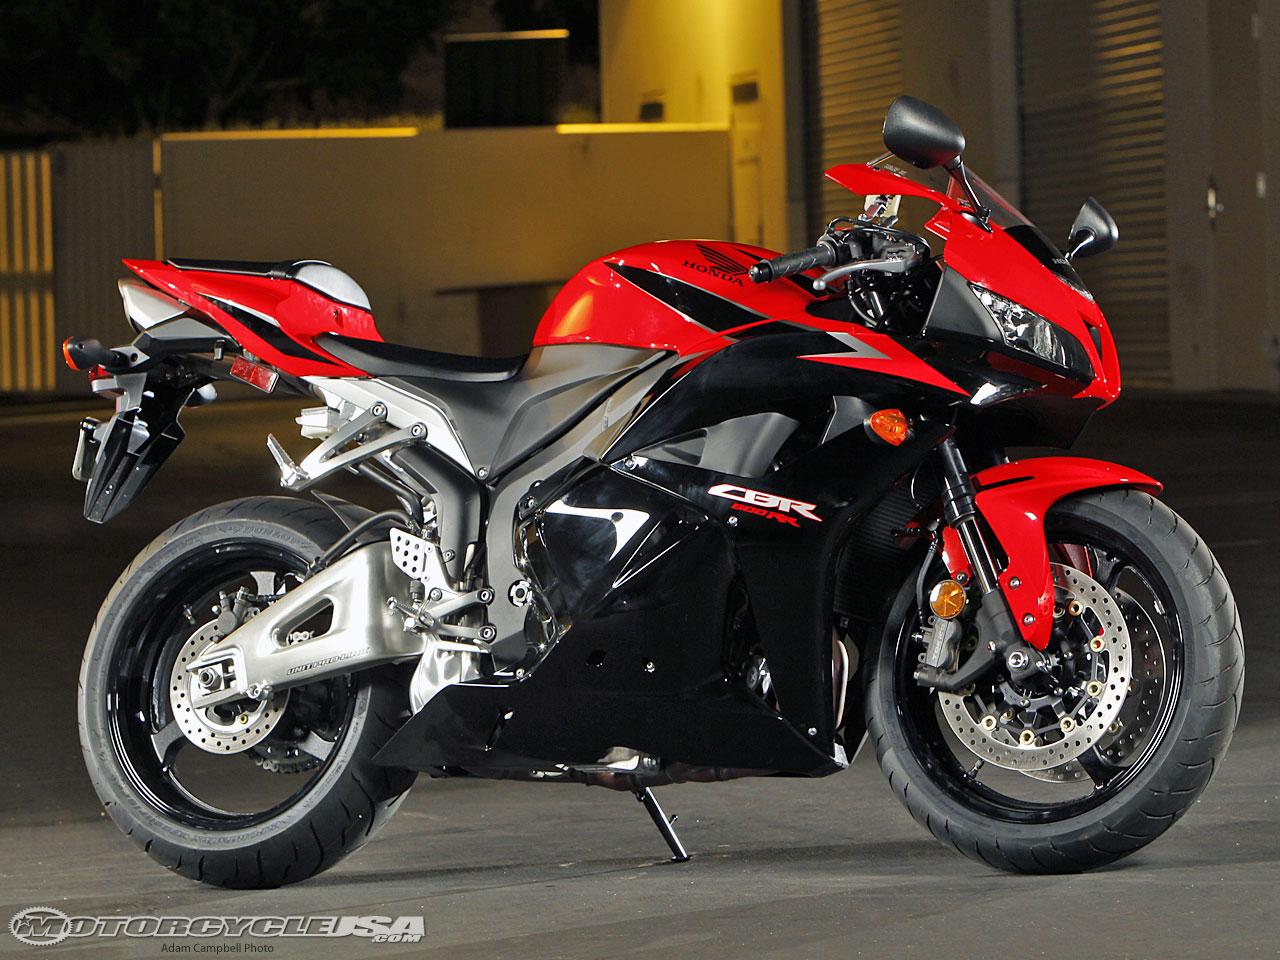 款本田CBR600RR摩托车图片1